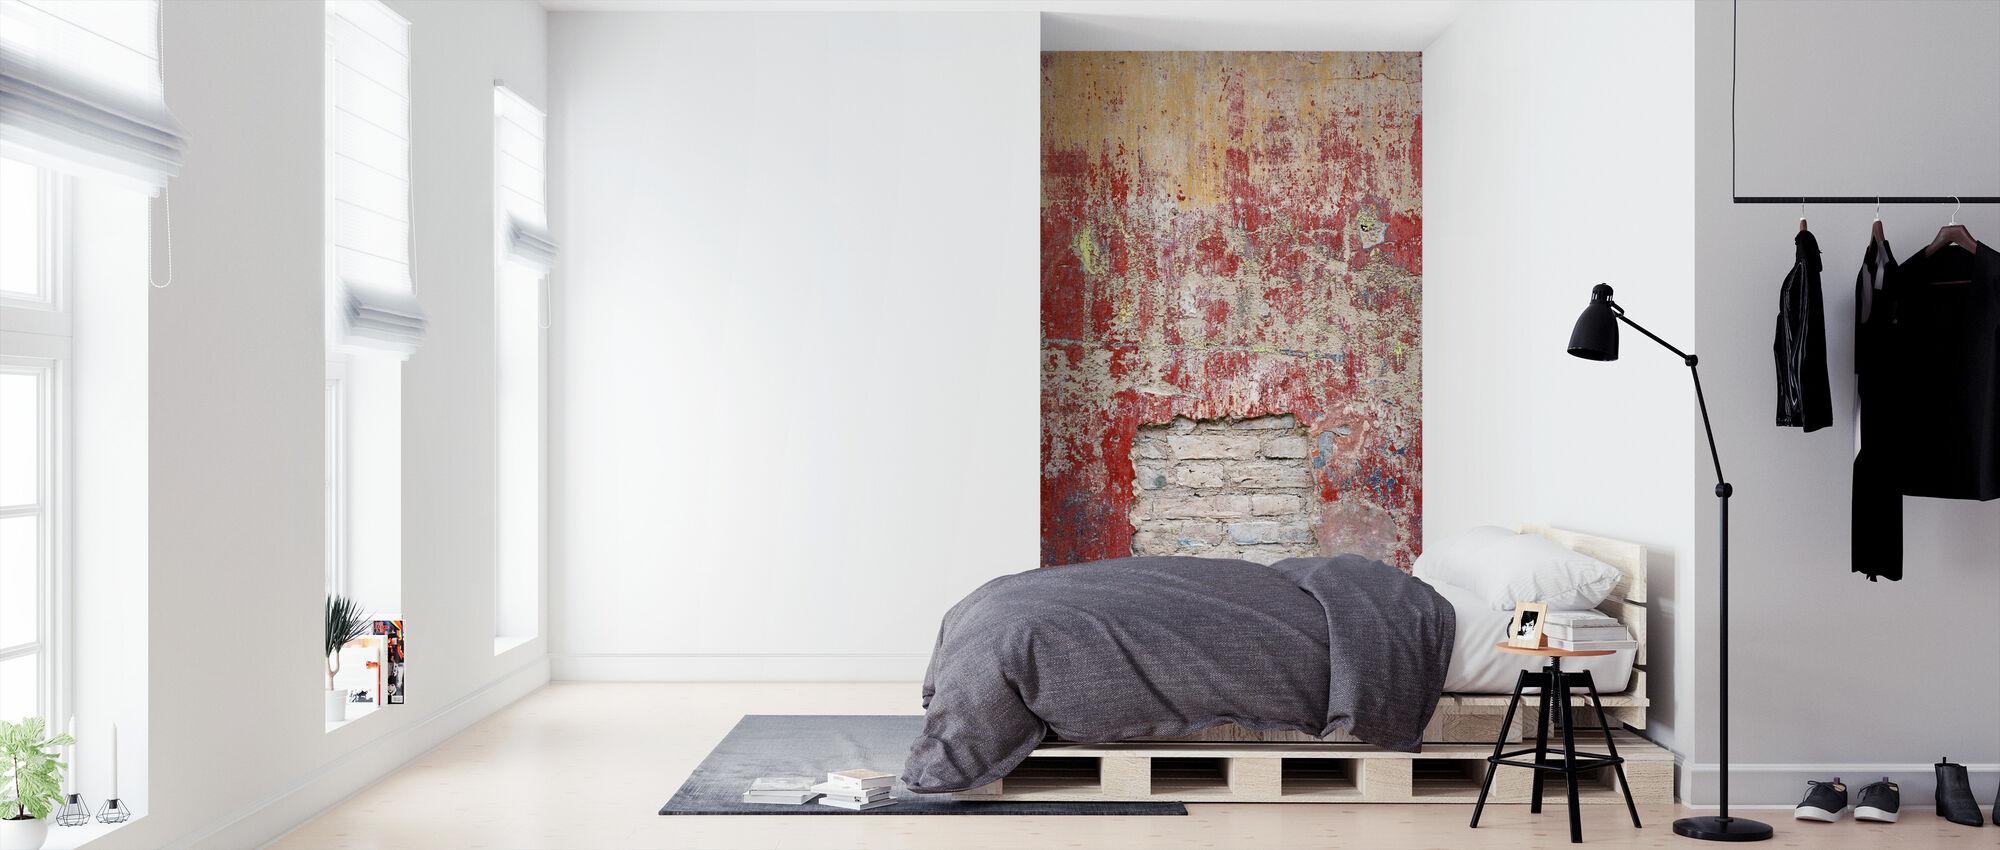 rødlig gammel sement vegg - Tapet - Soverom